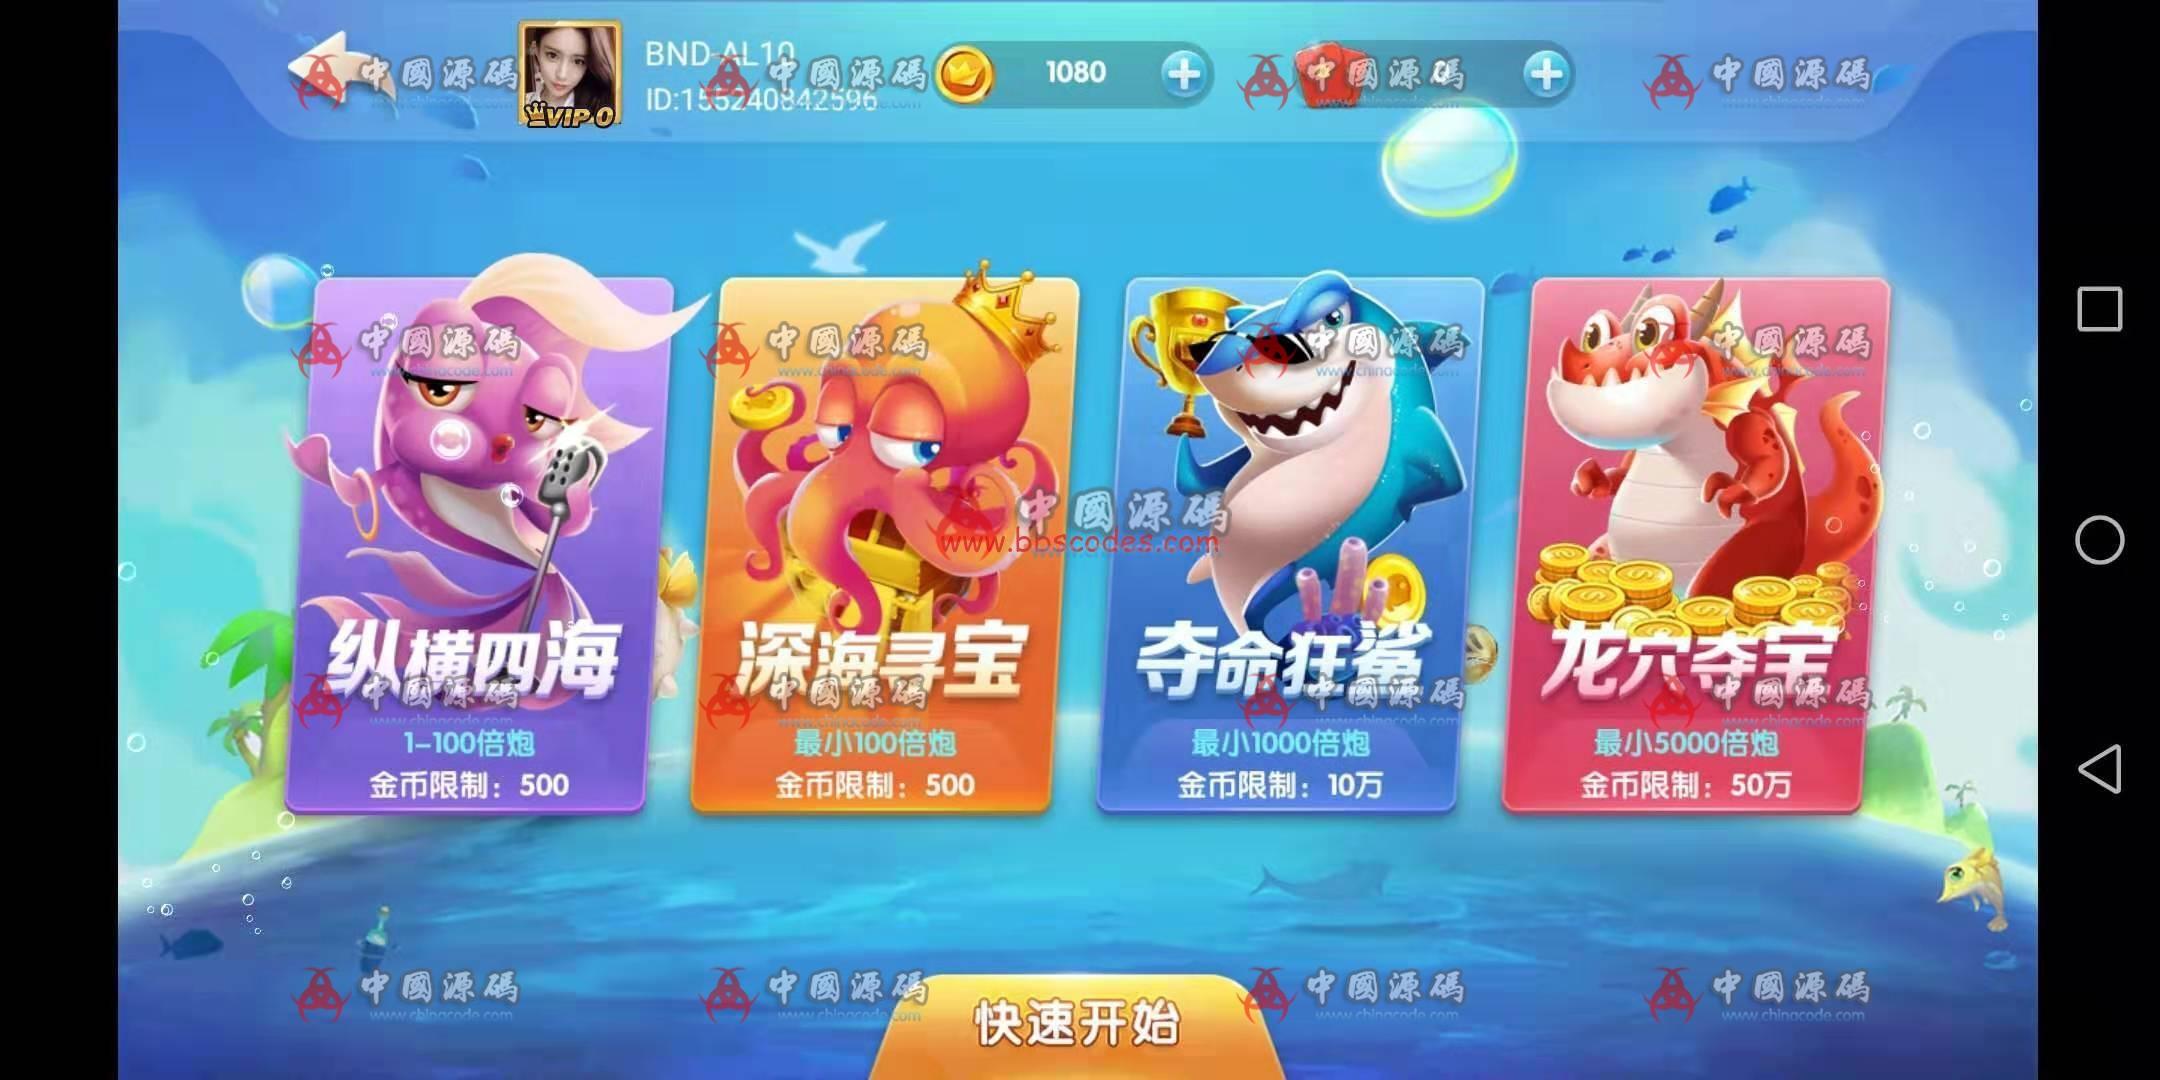 大王捕鱼游戏源码组件 带红包系统 棋牌-第2张